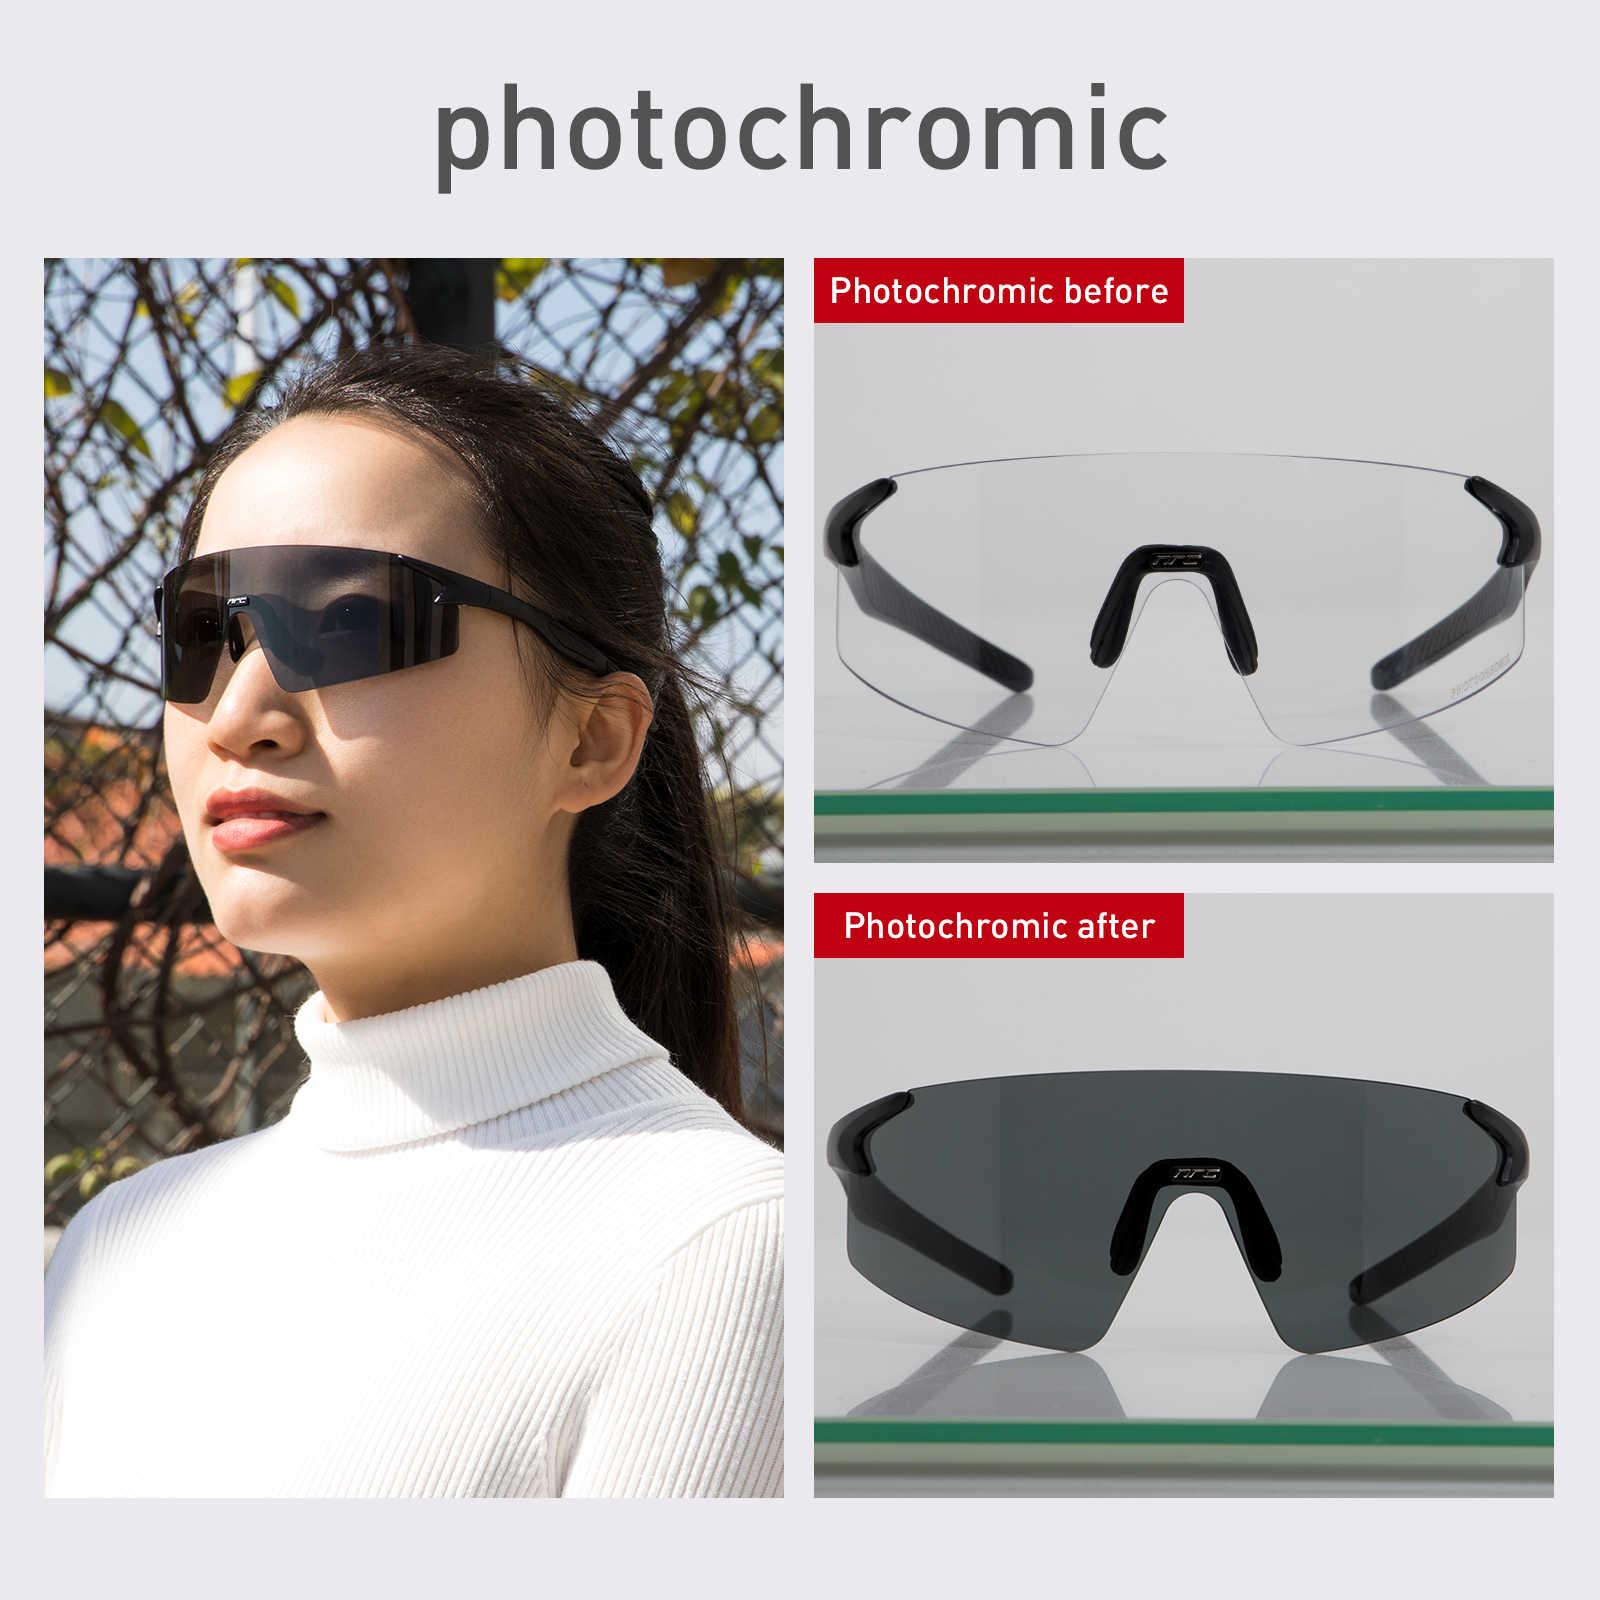 Новинка 2020 от бренда NRC, велосипедные очки для спорта на открытом воздухе для мужчин и женщин, UV400, велосипедные солнцезащитные очки для горного велосипеда, очки для горного и дорожного велосипеда